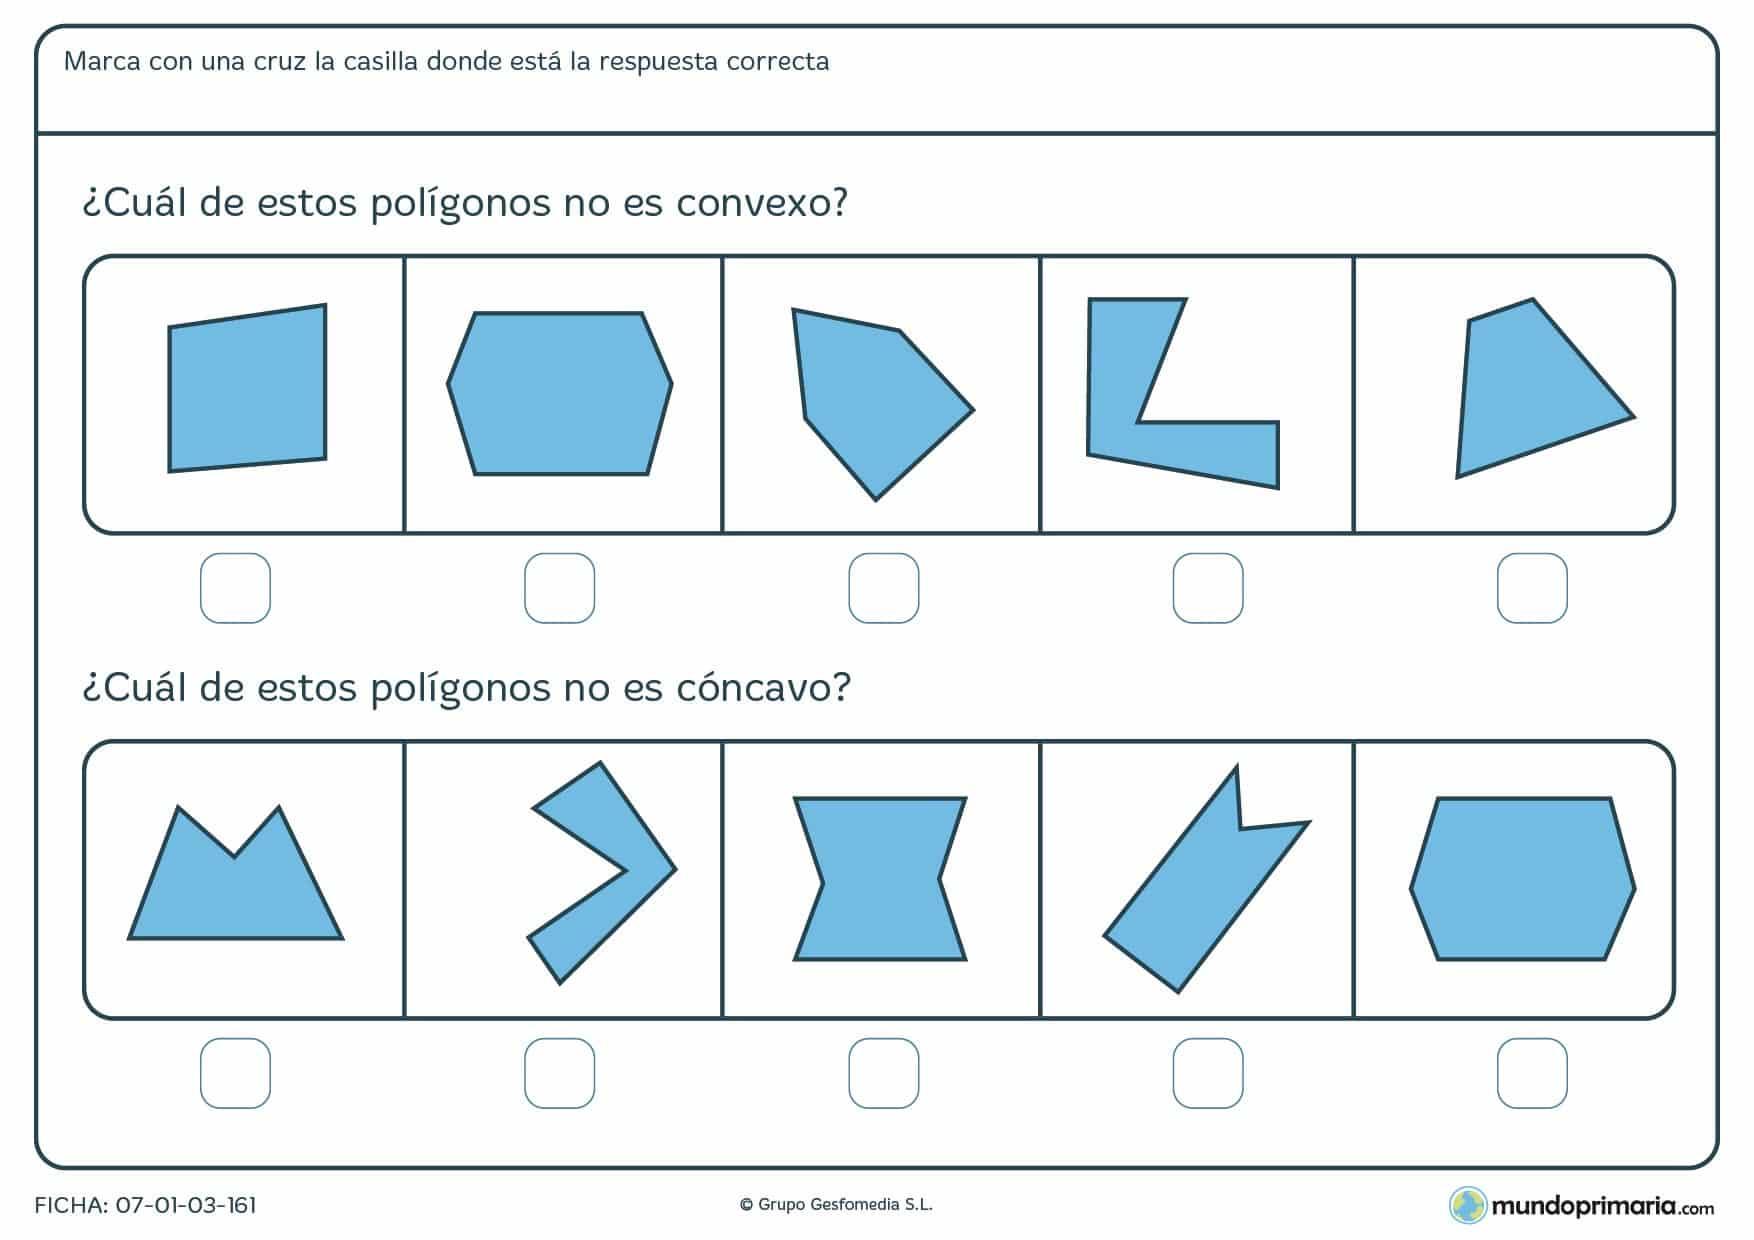 Ficha de cóncavos para que marque los poligonos que no lo son y para los que no son convexos también.